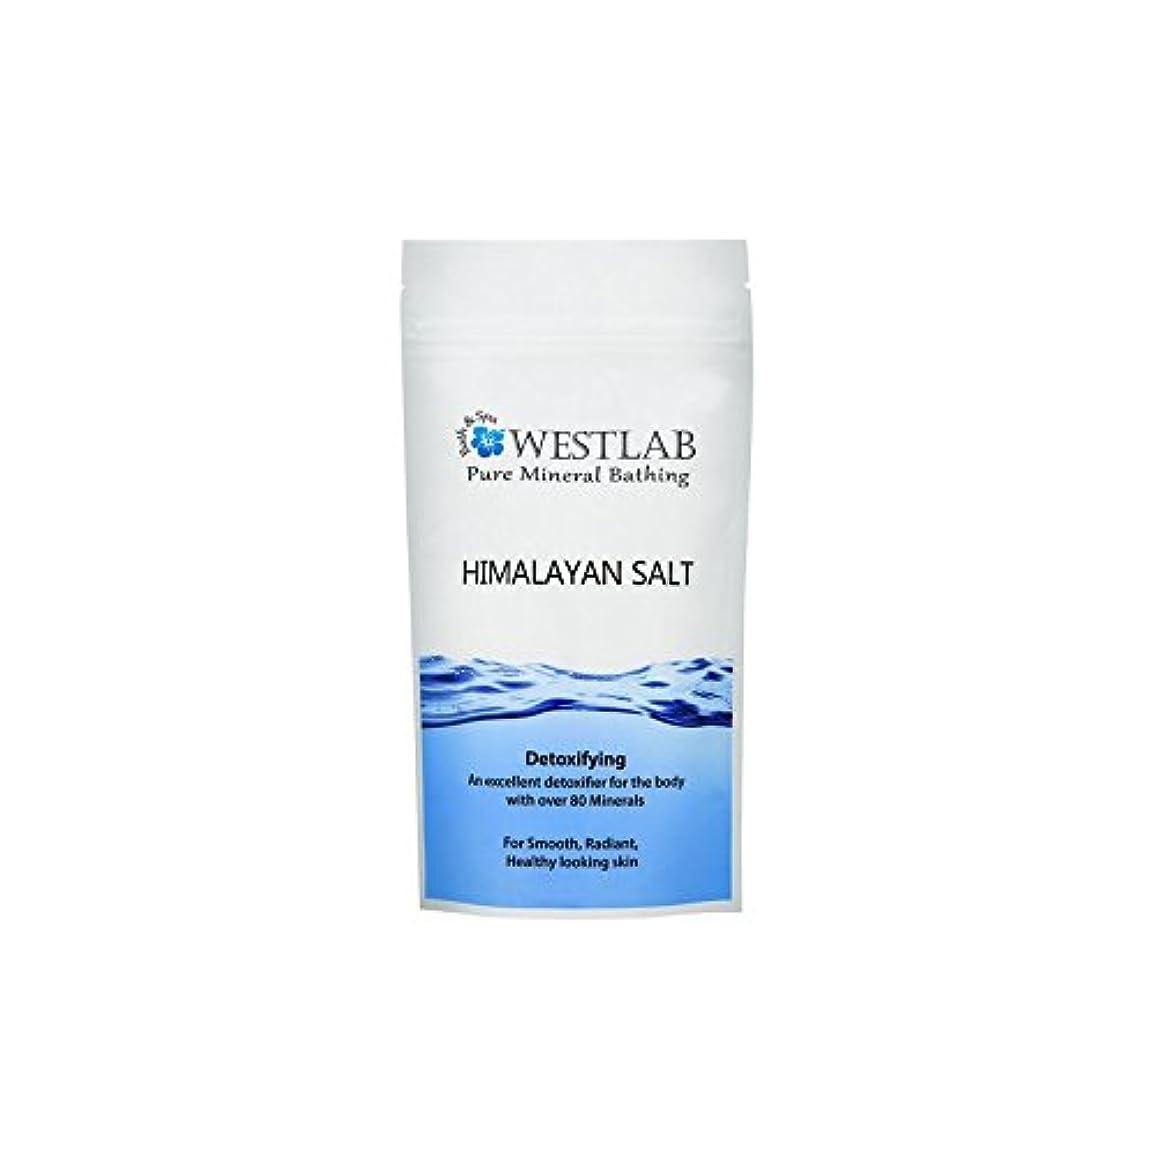 スティーブンソン領域階下ヒマラヤの塩500グラム x4 - Westlab Himalayan Salt 500g (Pack of 4) [並行輸入品]